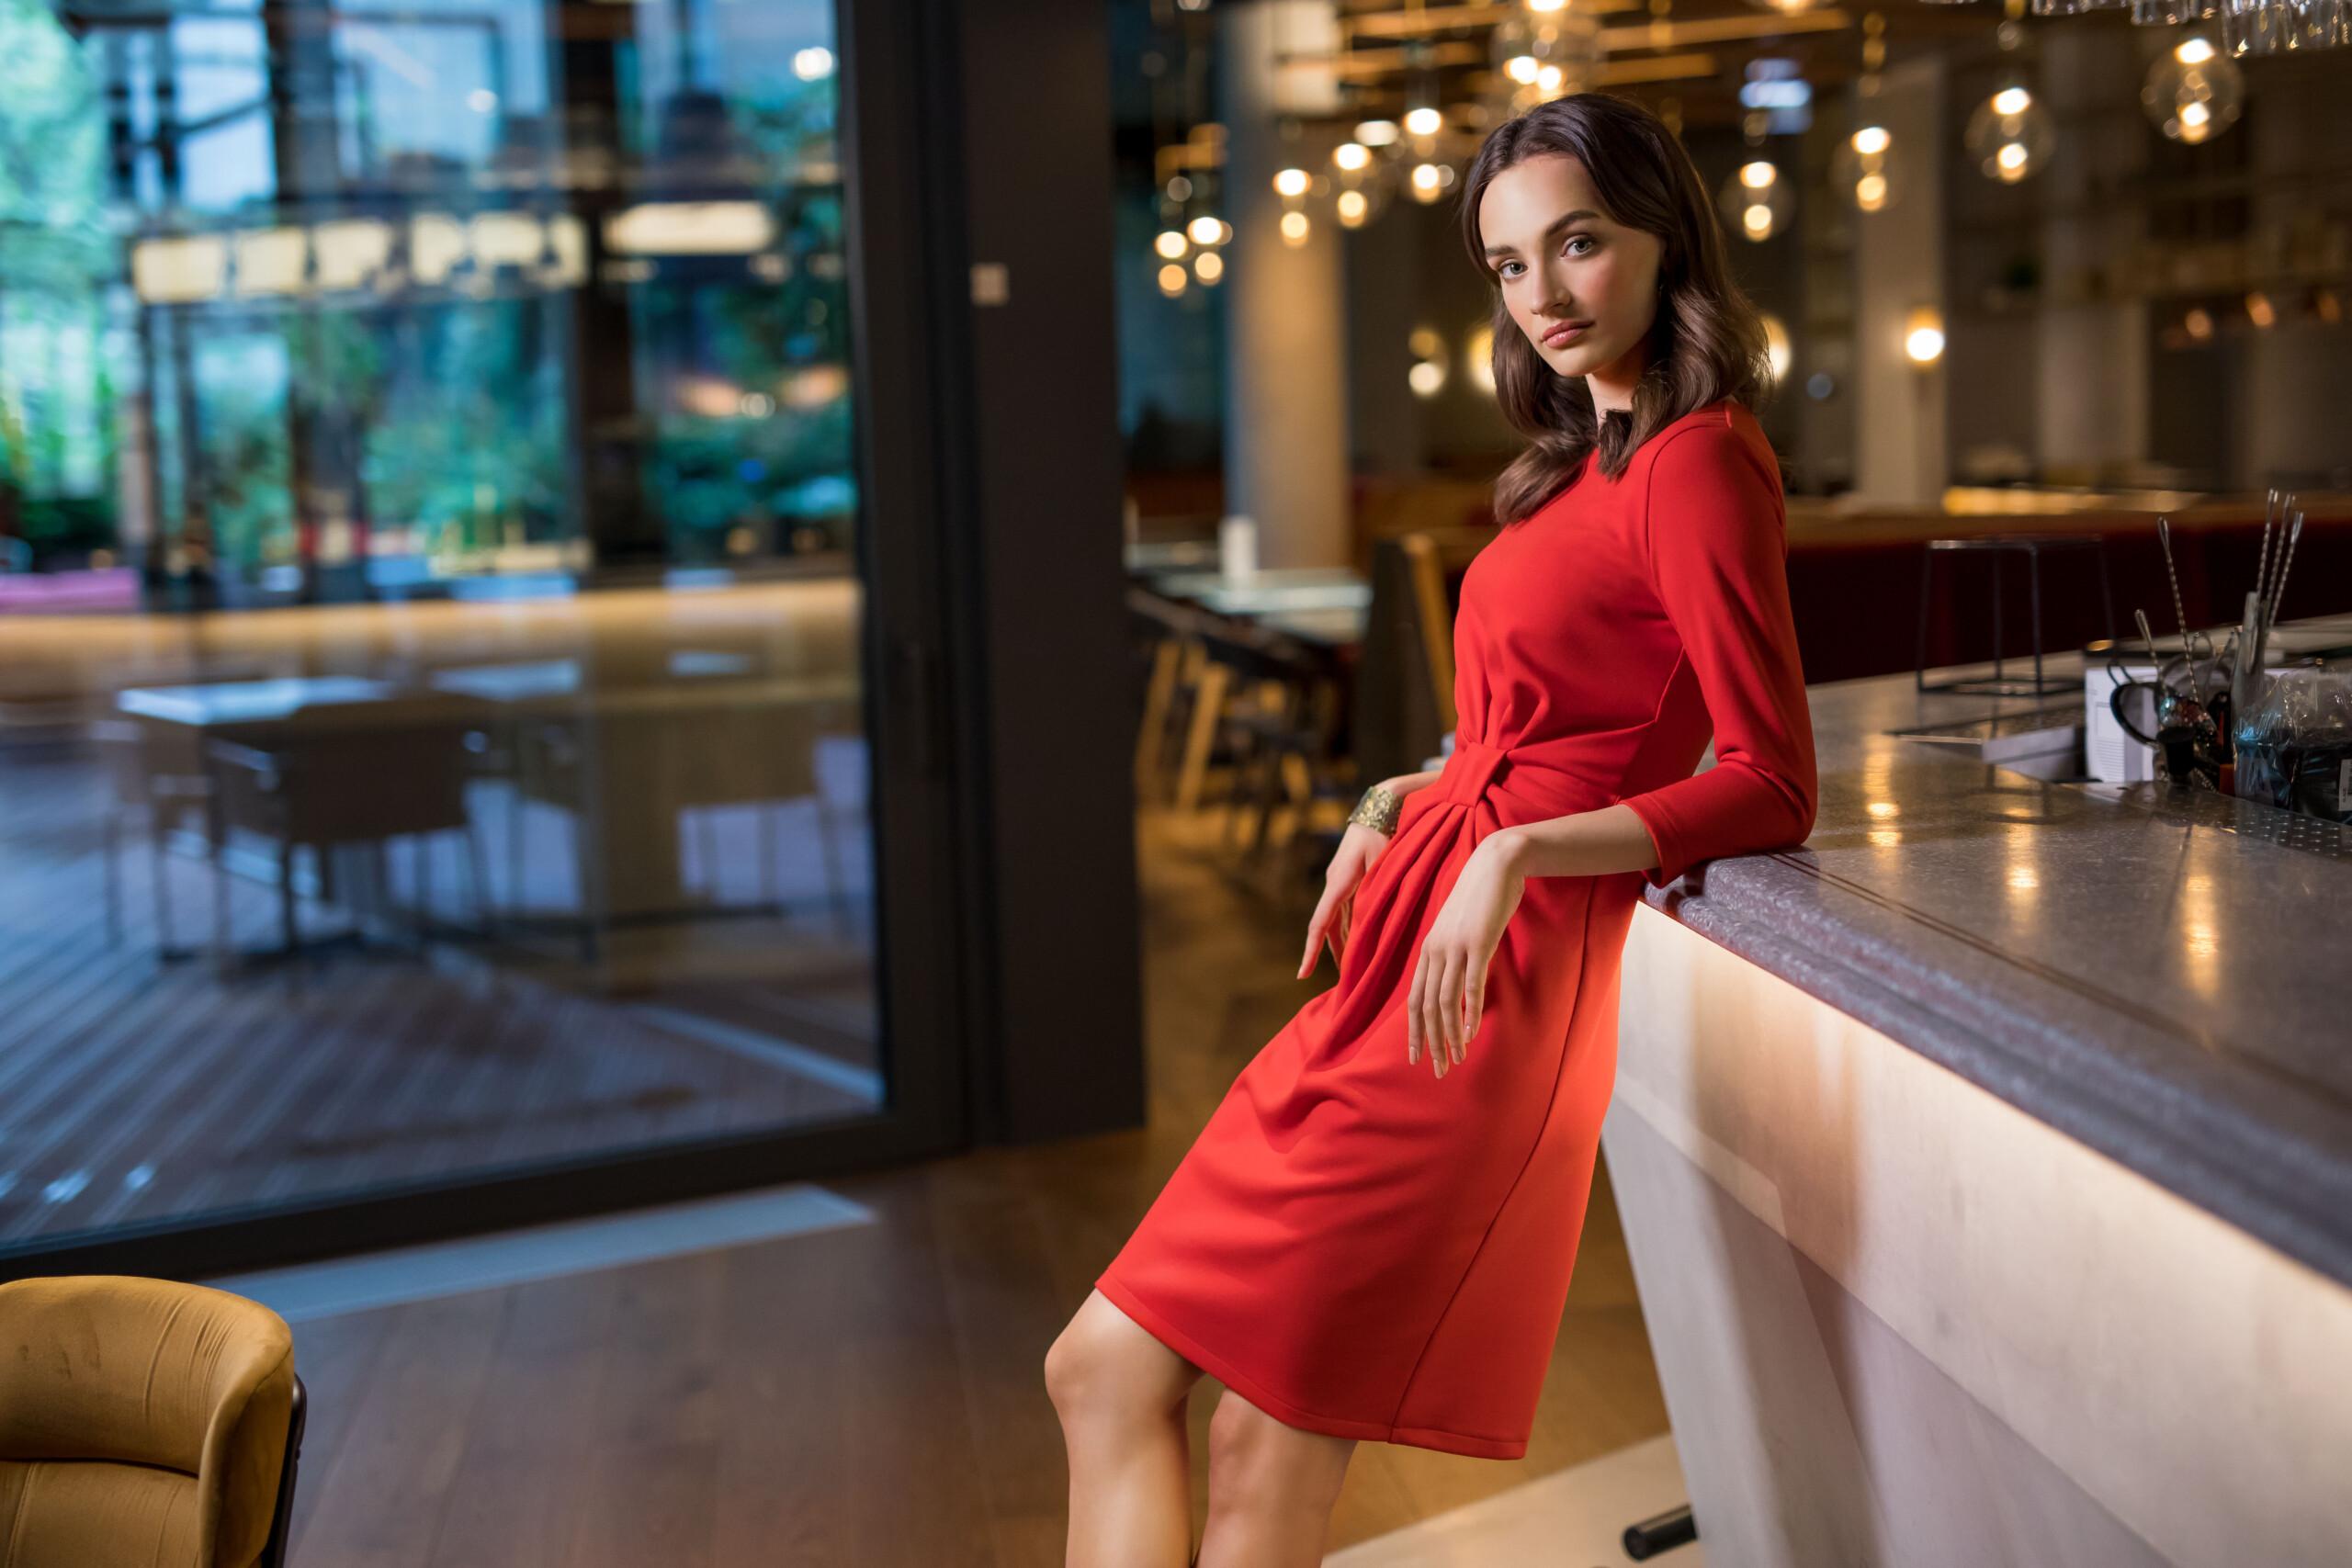 rajstopy do czerwonej sukienki - jakie wybrać